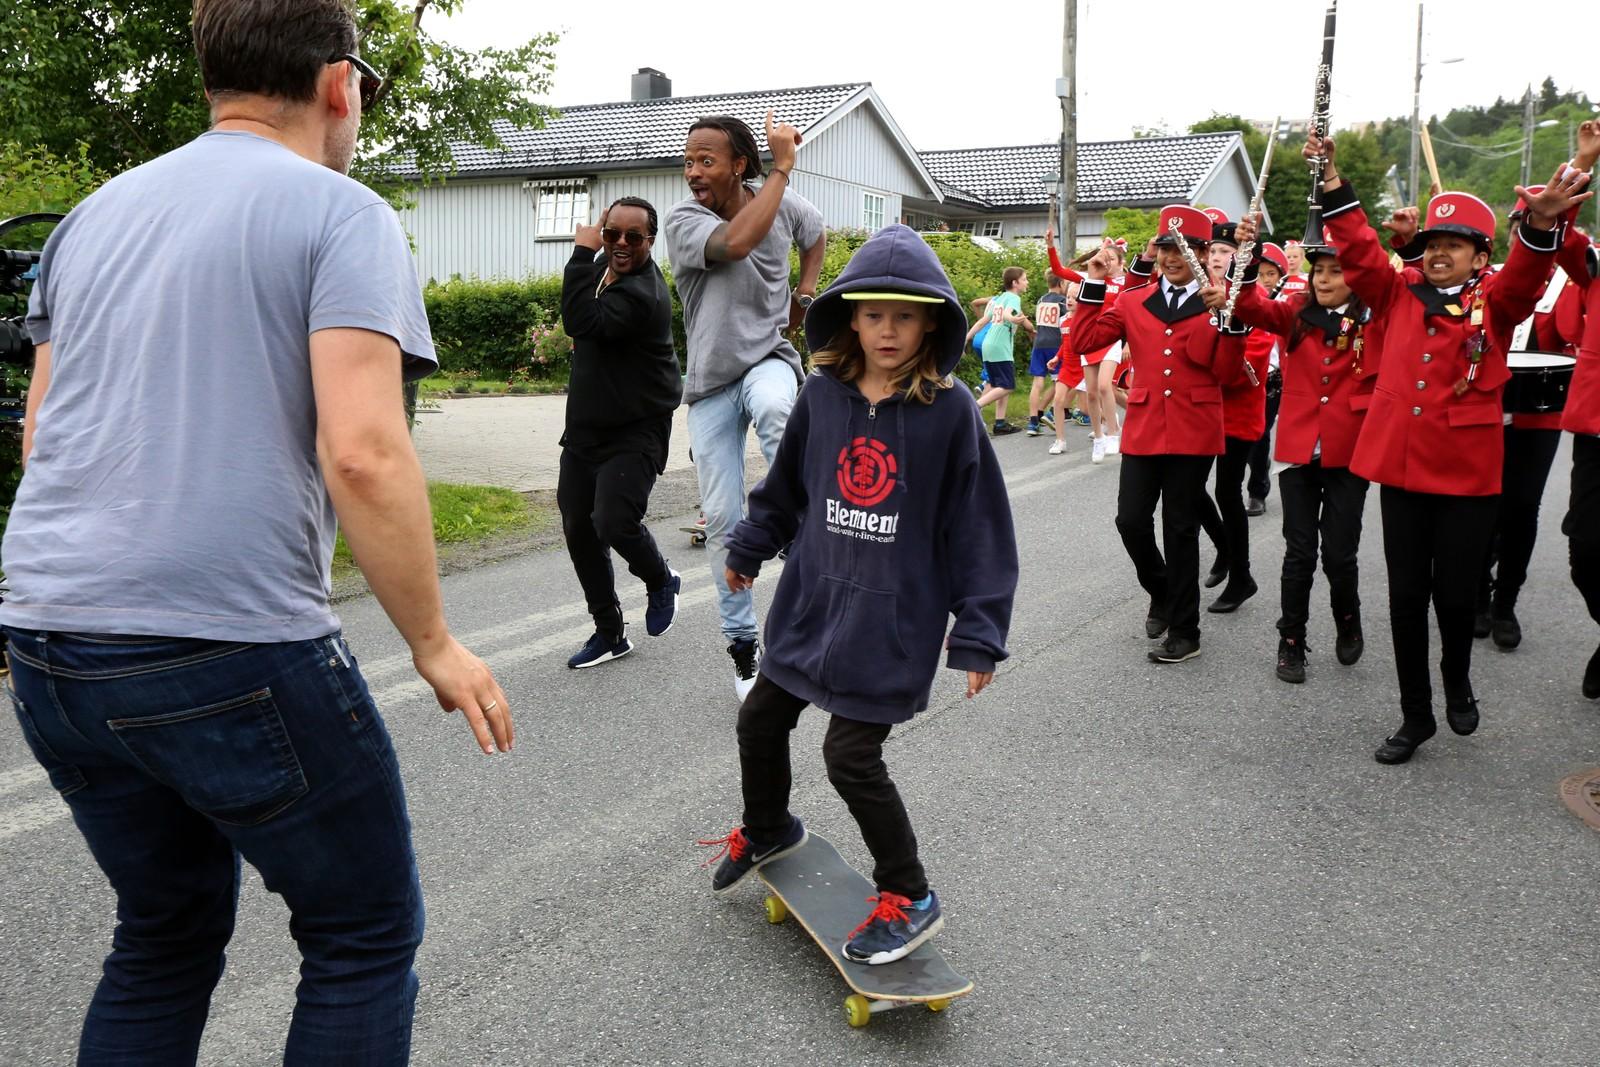 BRETTKONTROLL: Madcon-gutta danser seg gjennom gatene på Rommen, ledsaget av korps, cheerleadere og skatere.